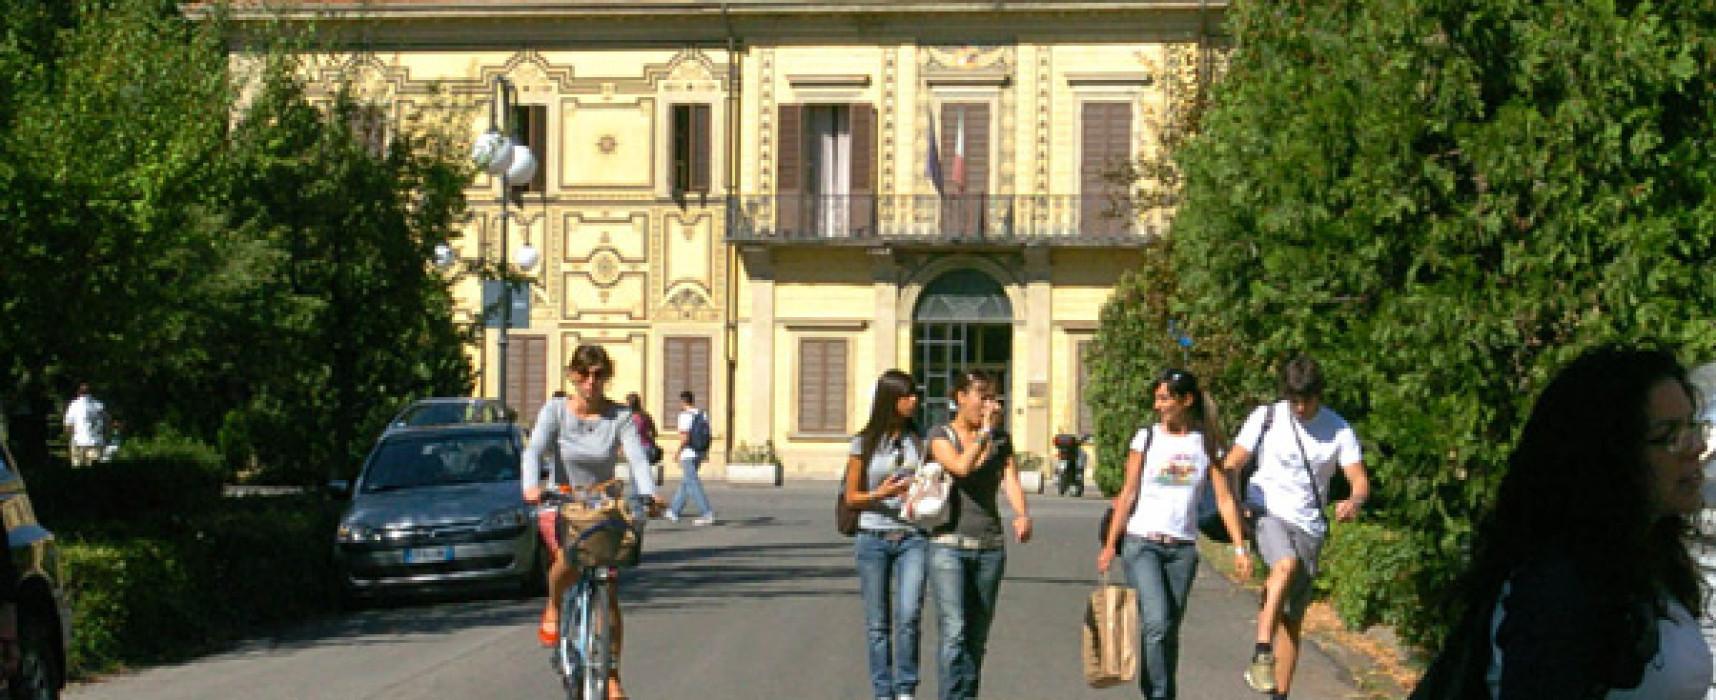 Università degli Studi di Siena: bandi per borse di ricerca e premi di studio in scadenza nei mesi estivi